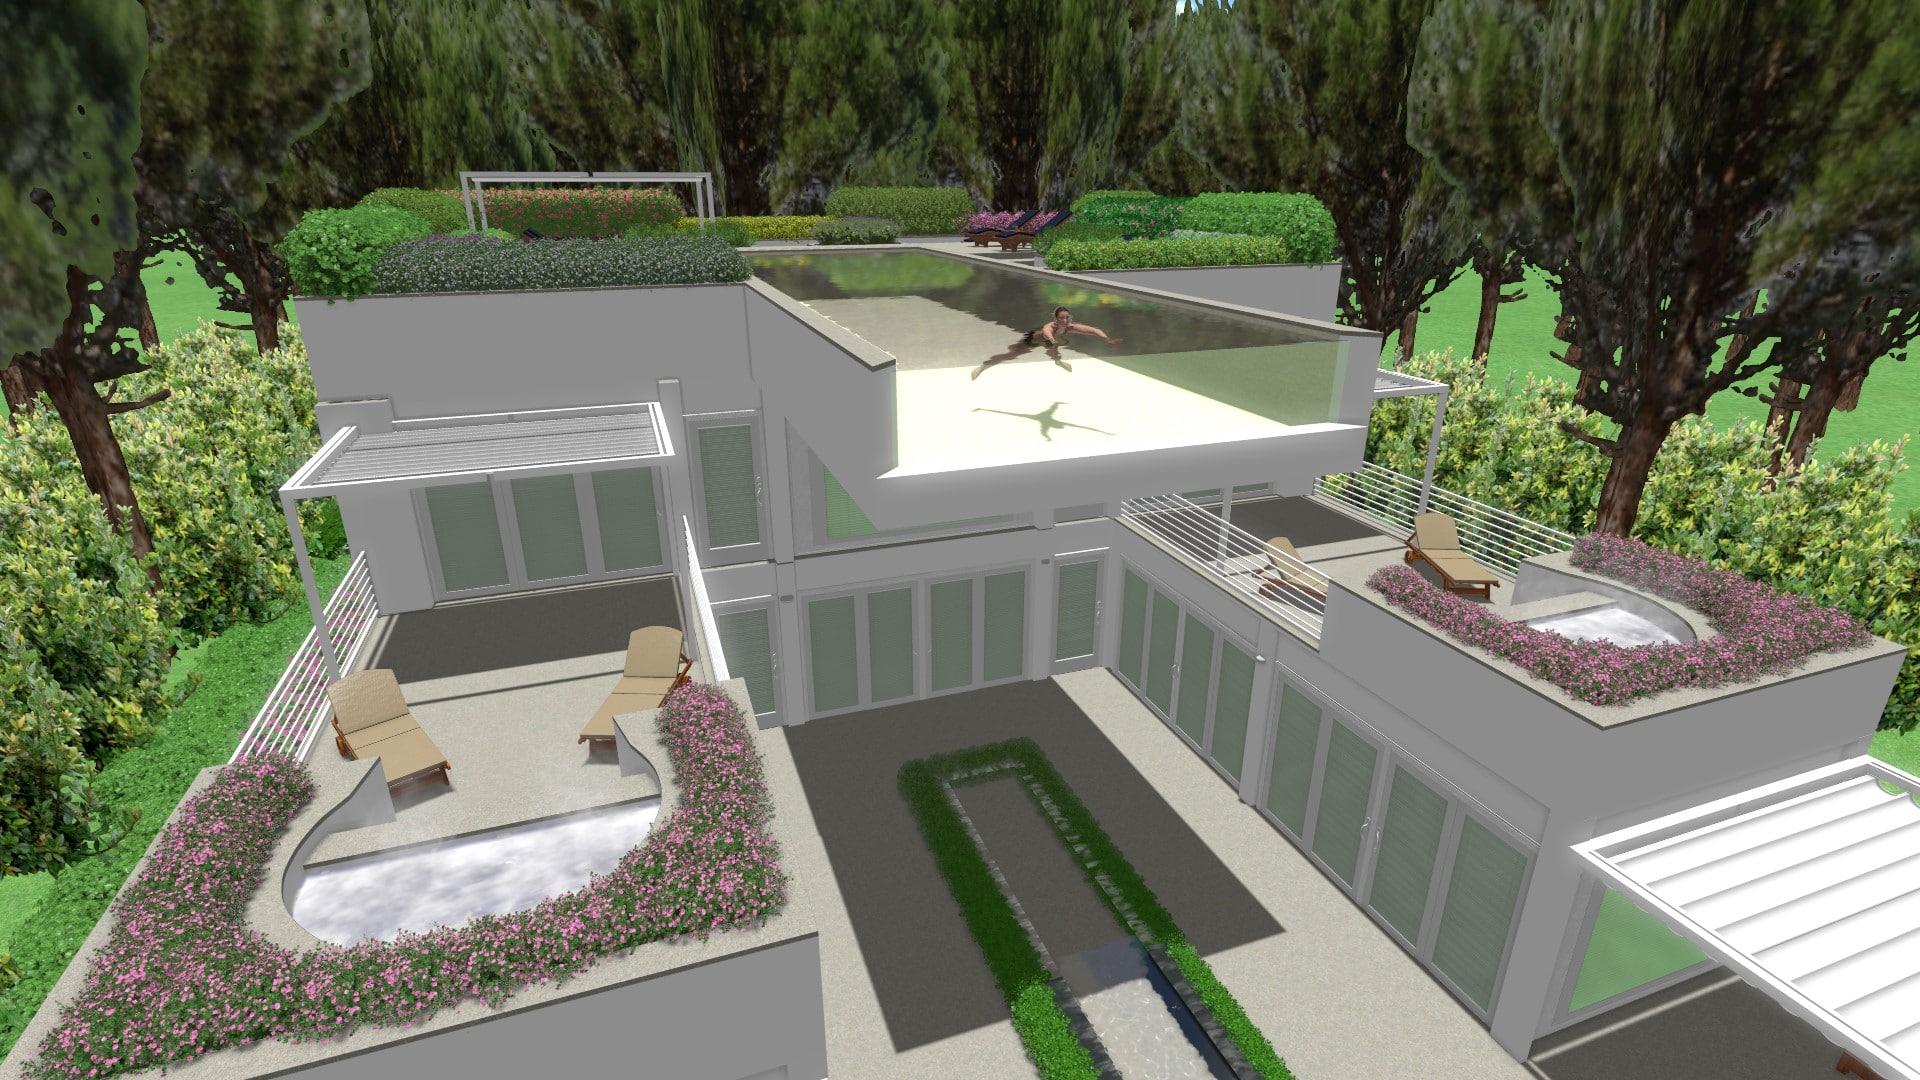 Progettazione di piscina trasparente sulla terrazza davide giorgi paesaggista - Piscina gonfiabile terrazzo ...